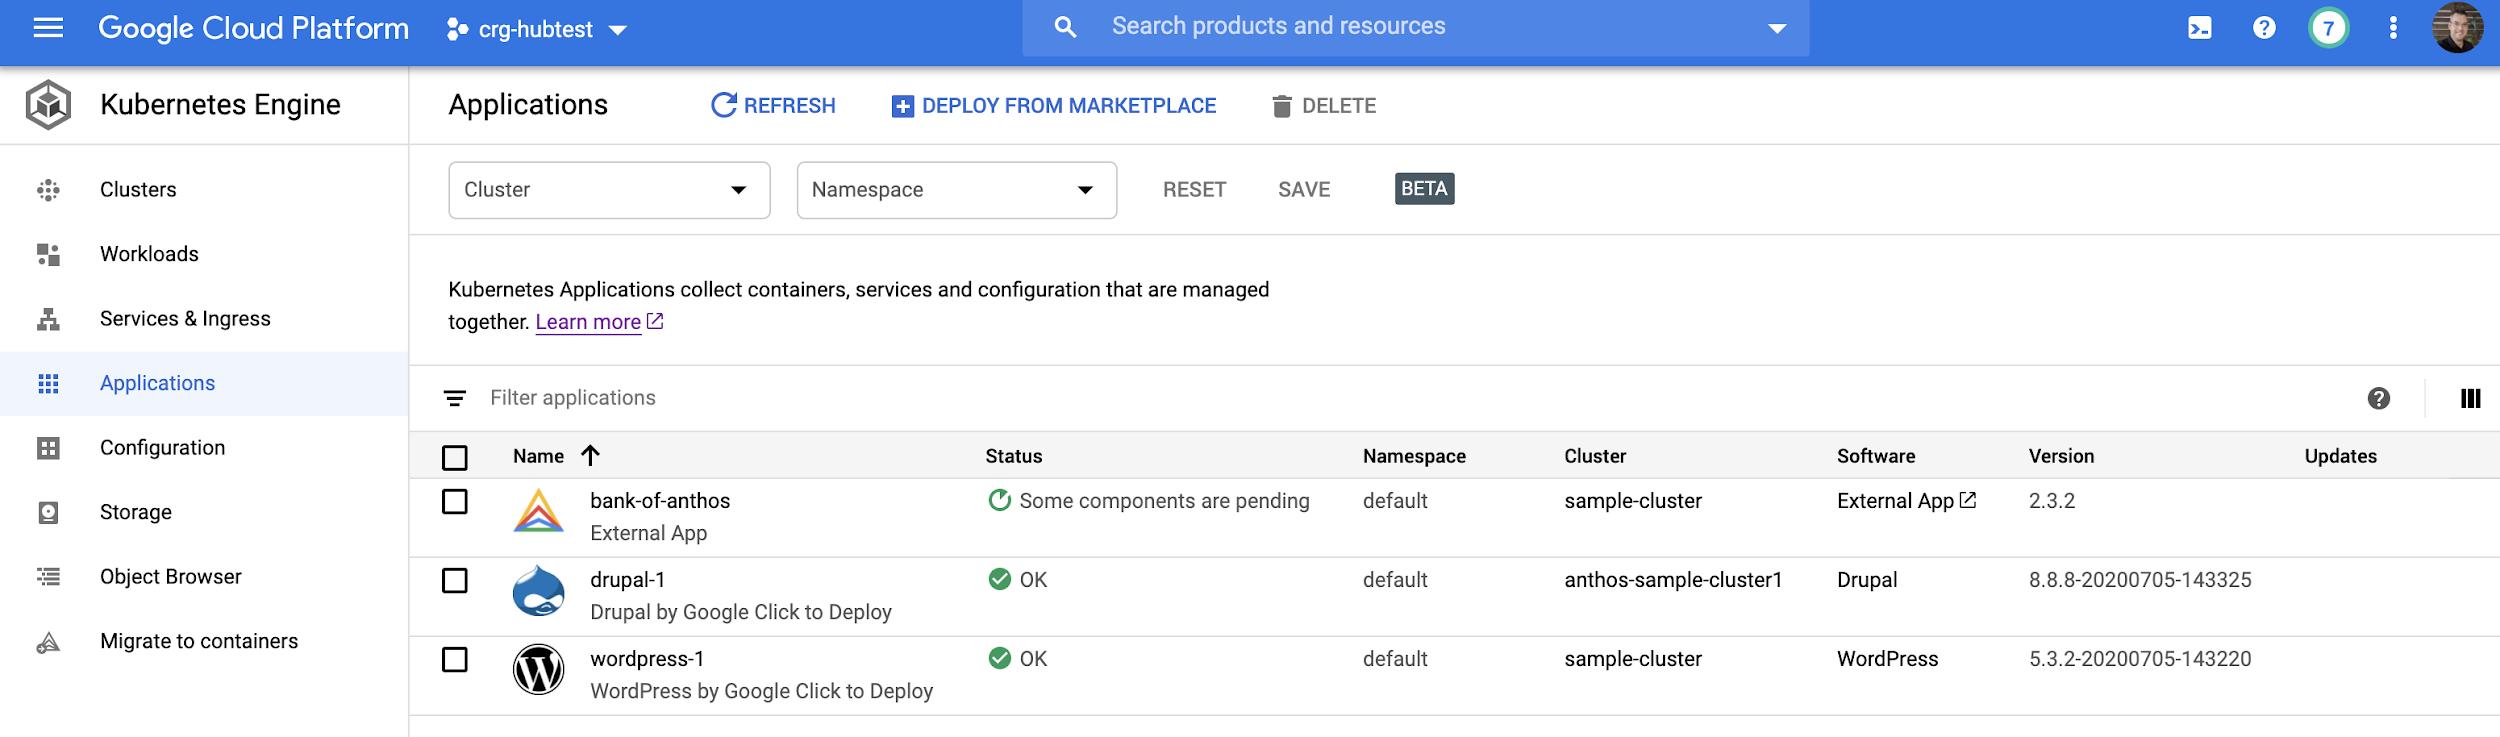 Una vista parcial de la página Aplicaciones que muestra una lista de aplicaciones junto con varias propiedades.